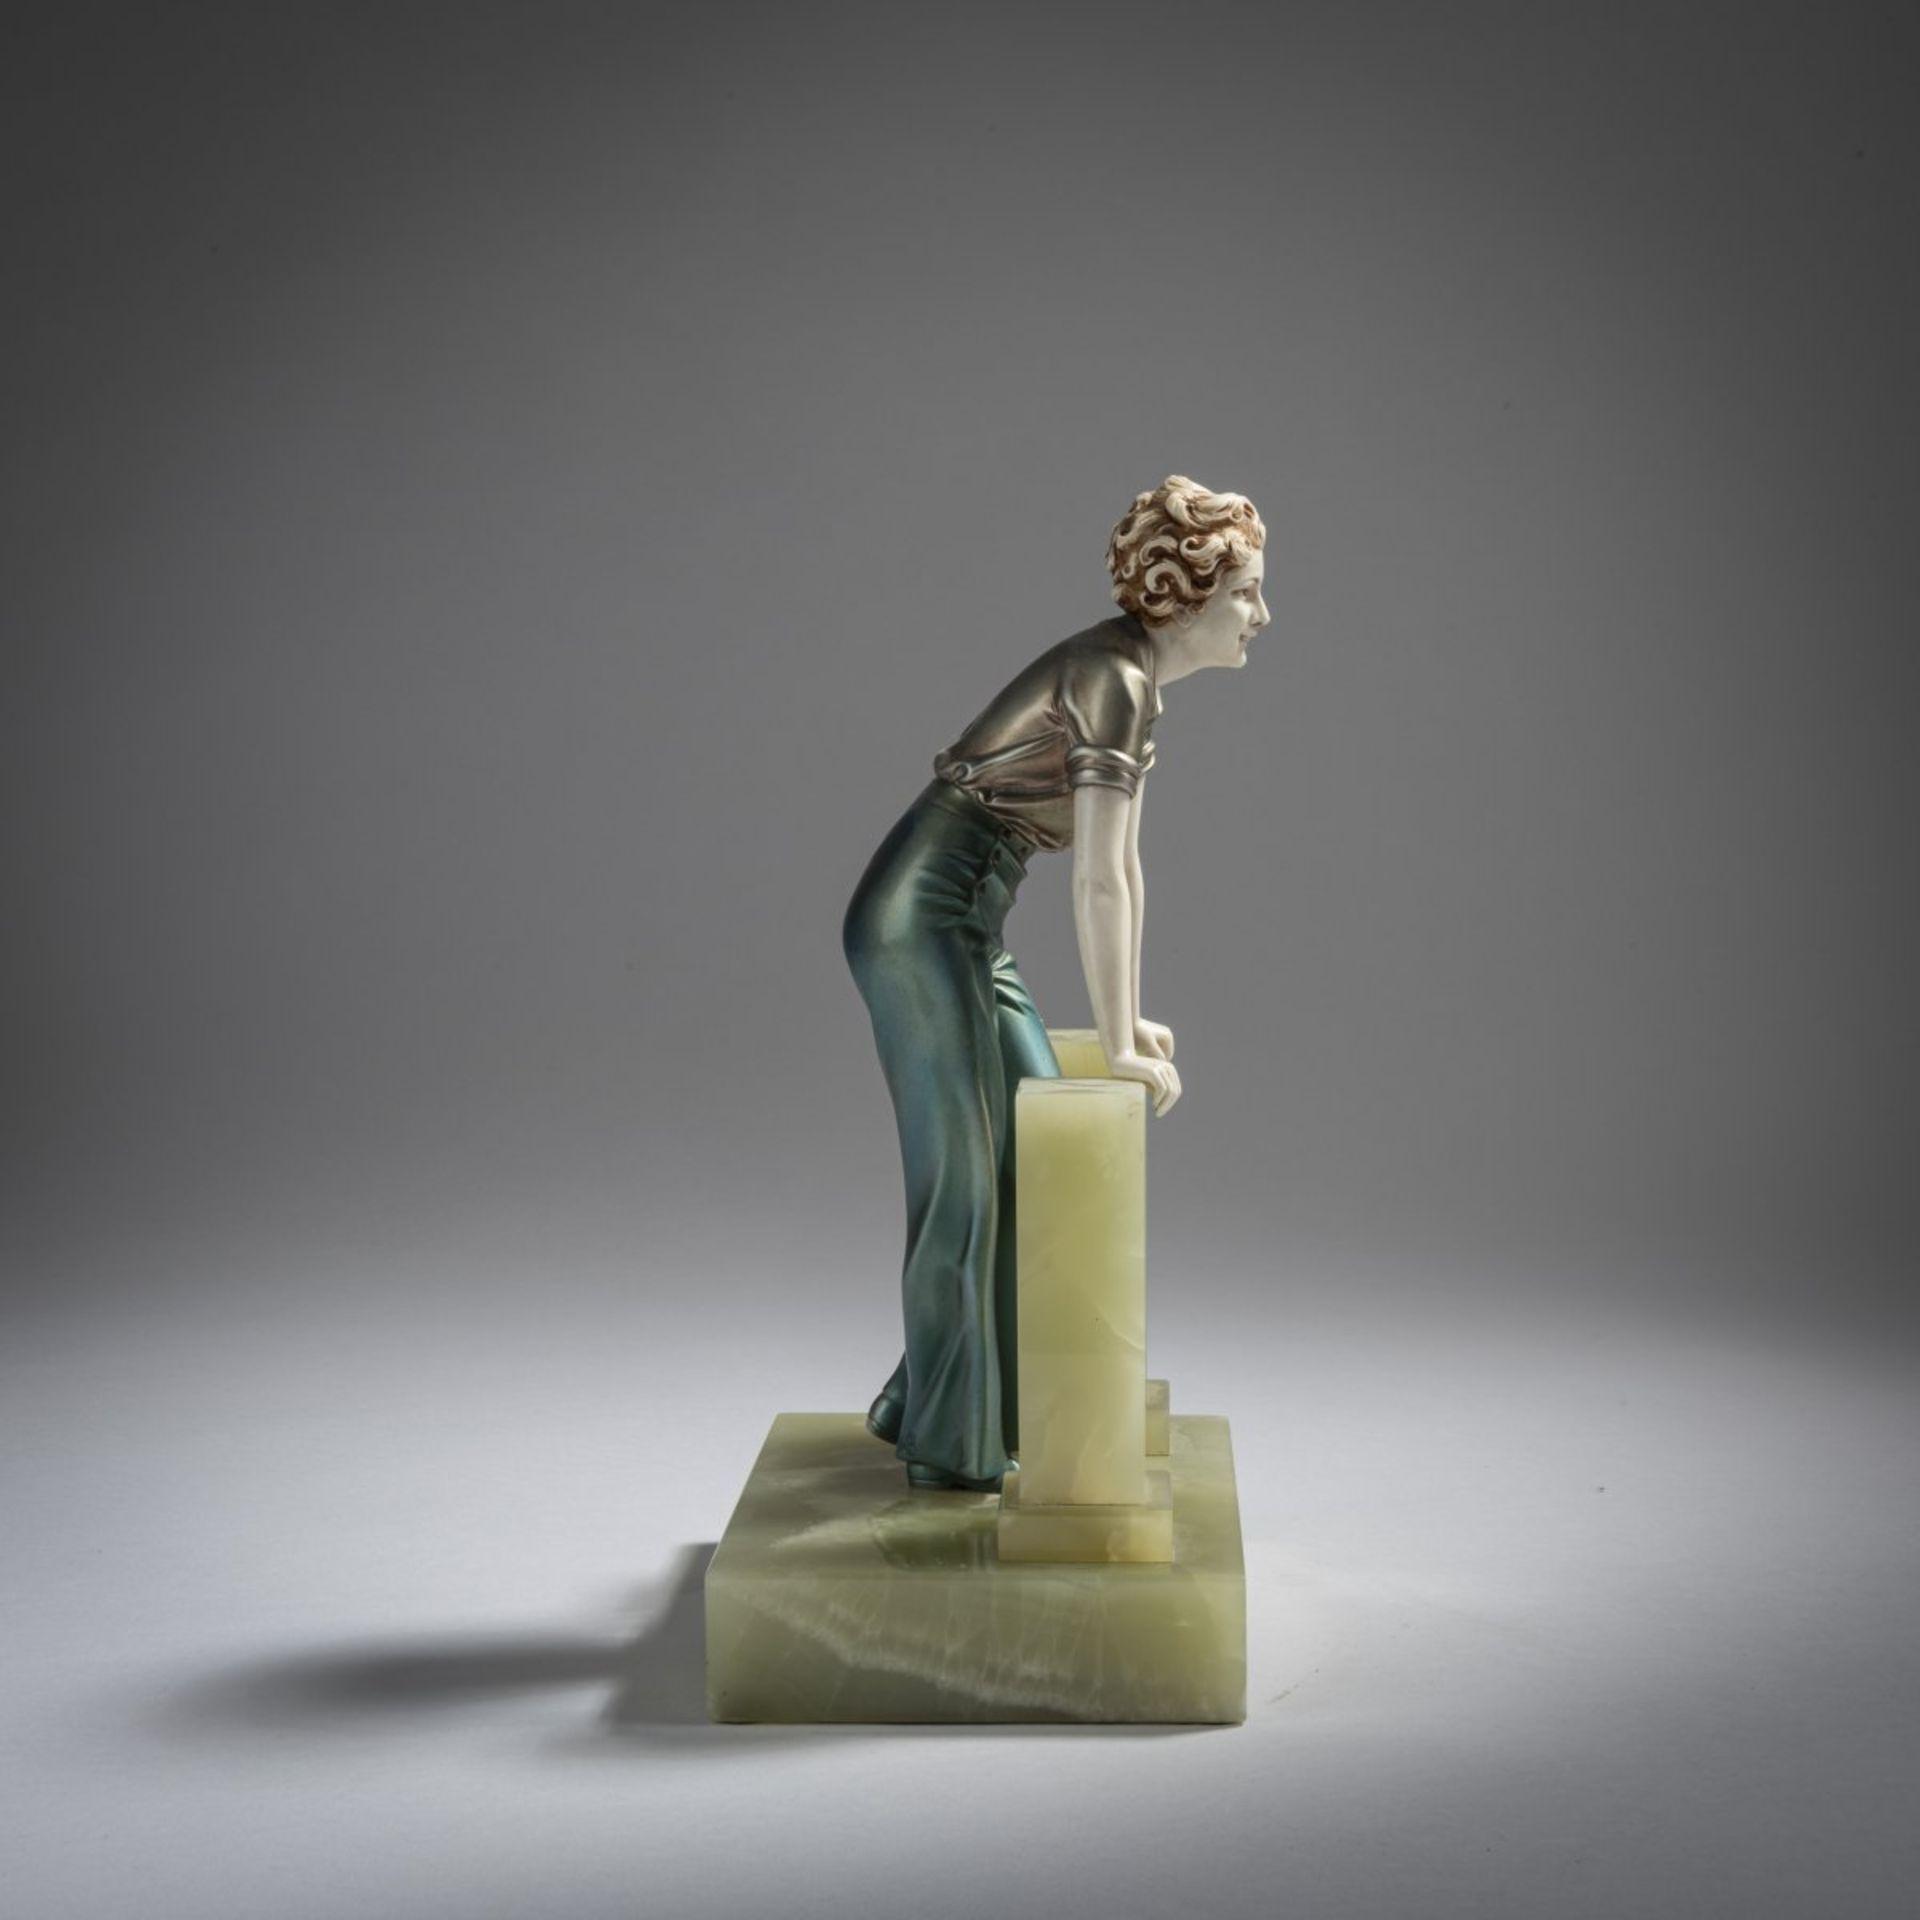 Ferdinand Preiss, 'The Stile', um 1928 - Bild 3 aus 9